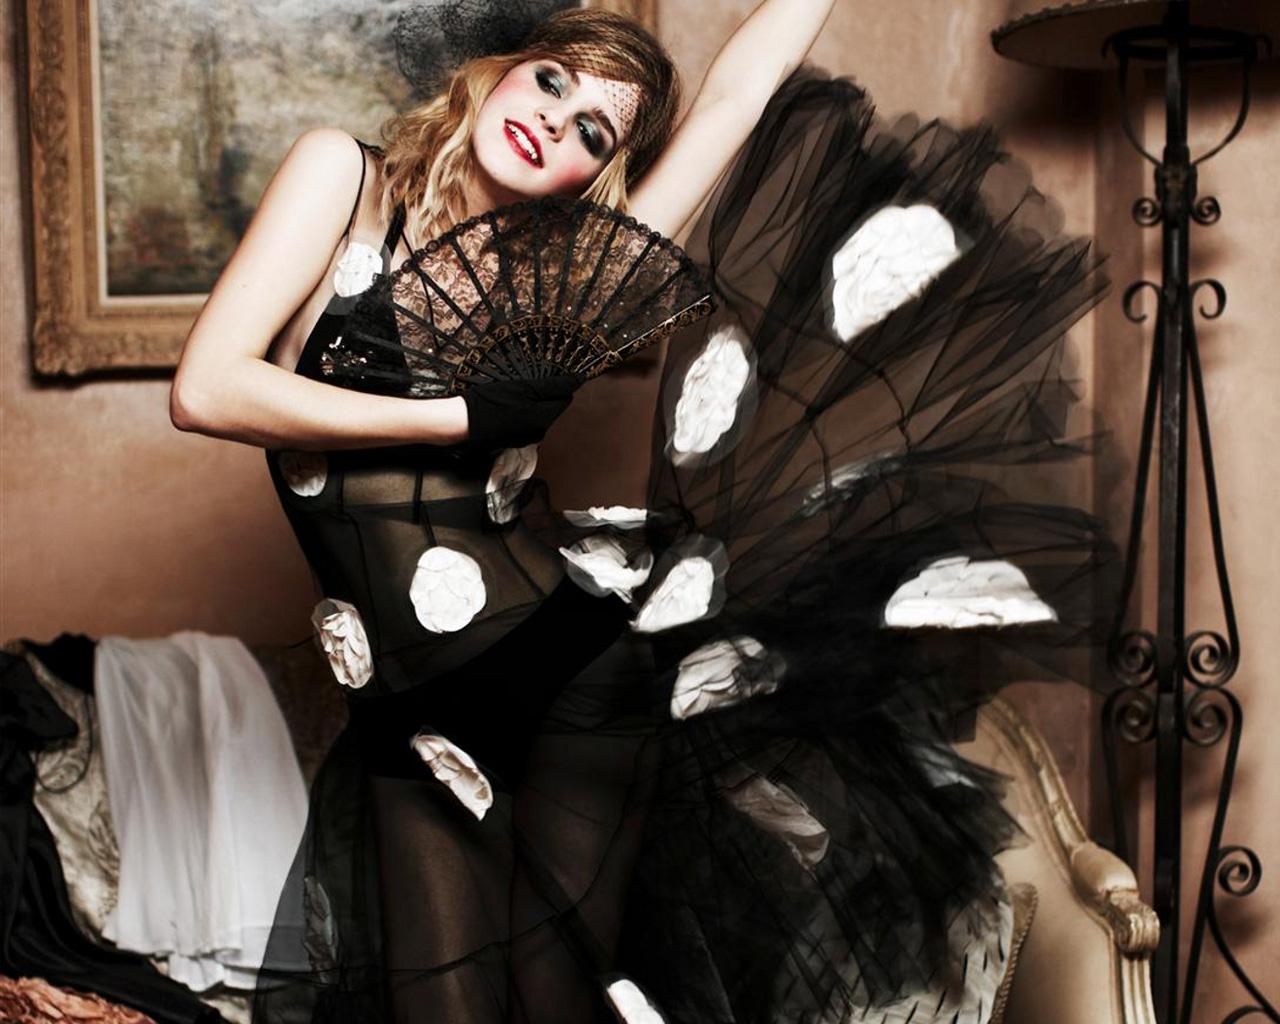 http://2.bp.blogspot.com/-BBDL2IoDE0E/TvhQvvL03MI/AAAAAAAAFlc/kYWENhz8Jq4/s1600/Emma+Watson+Sexy+Cool.jpg